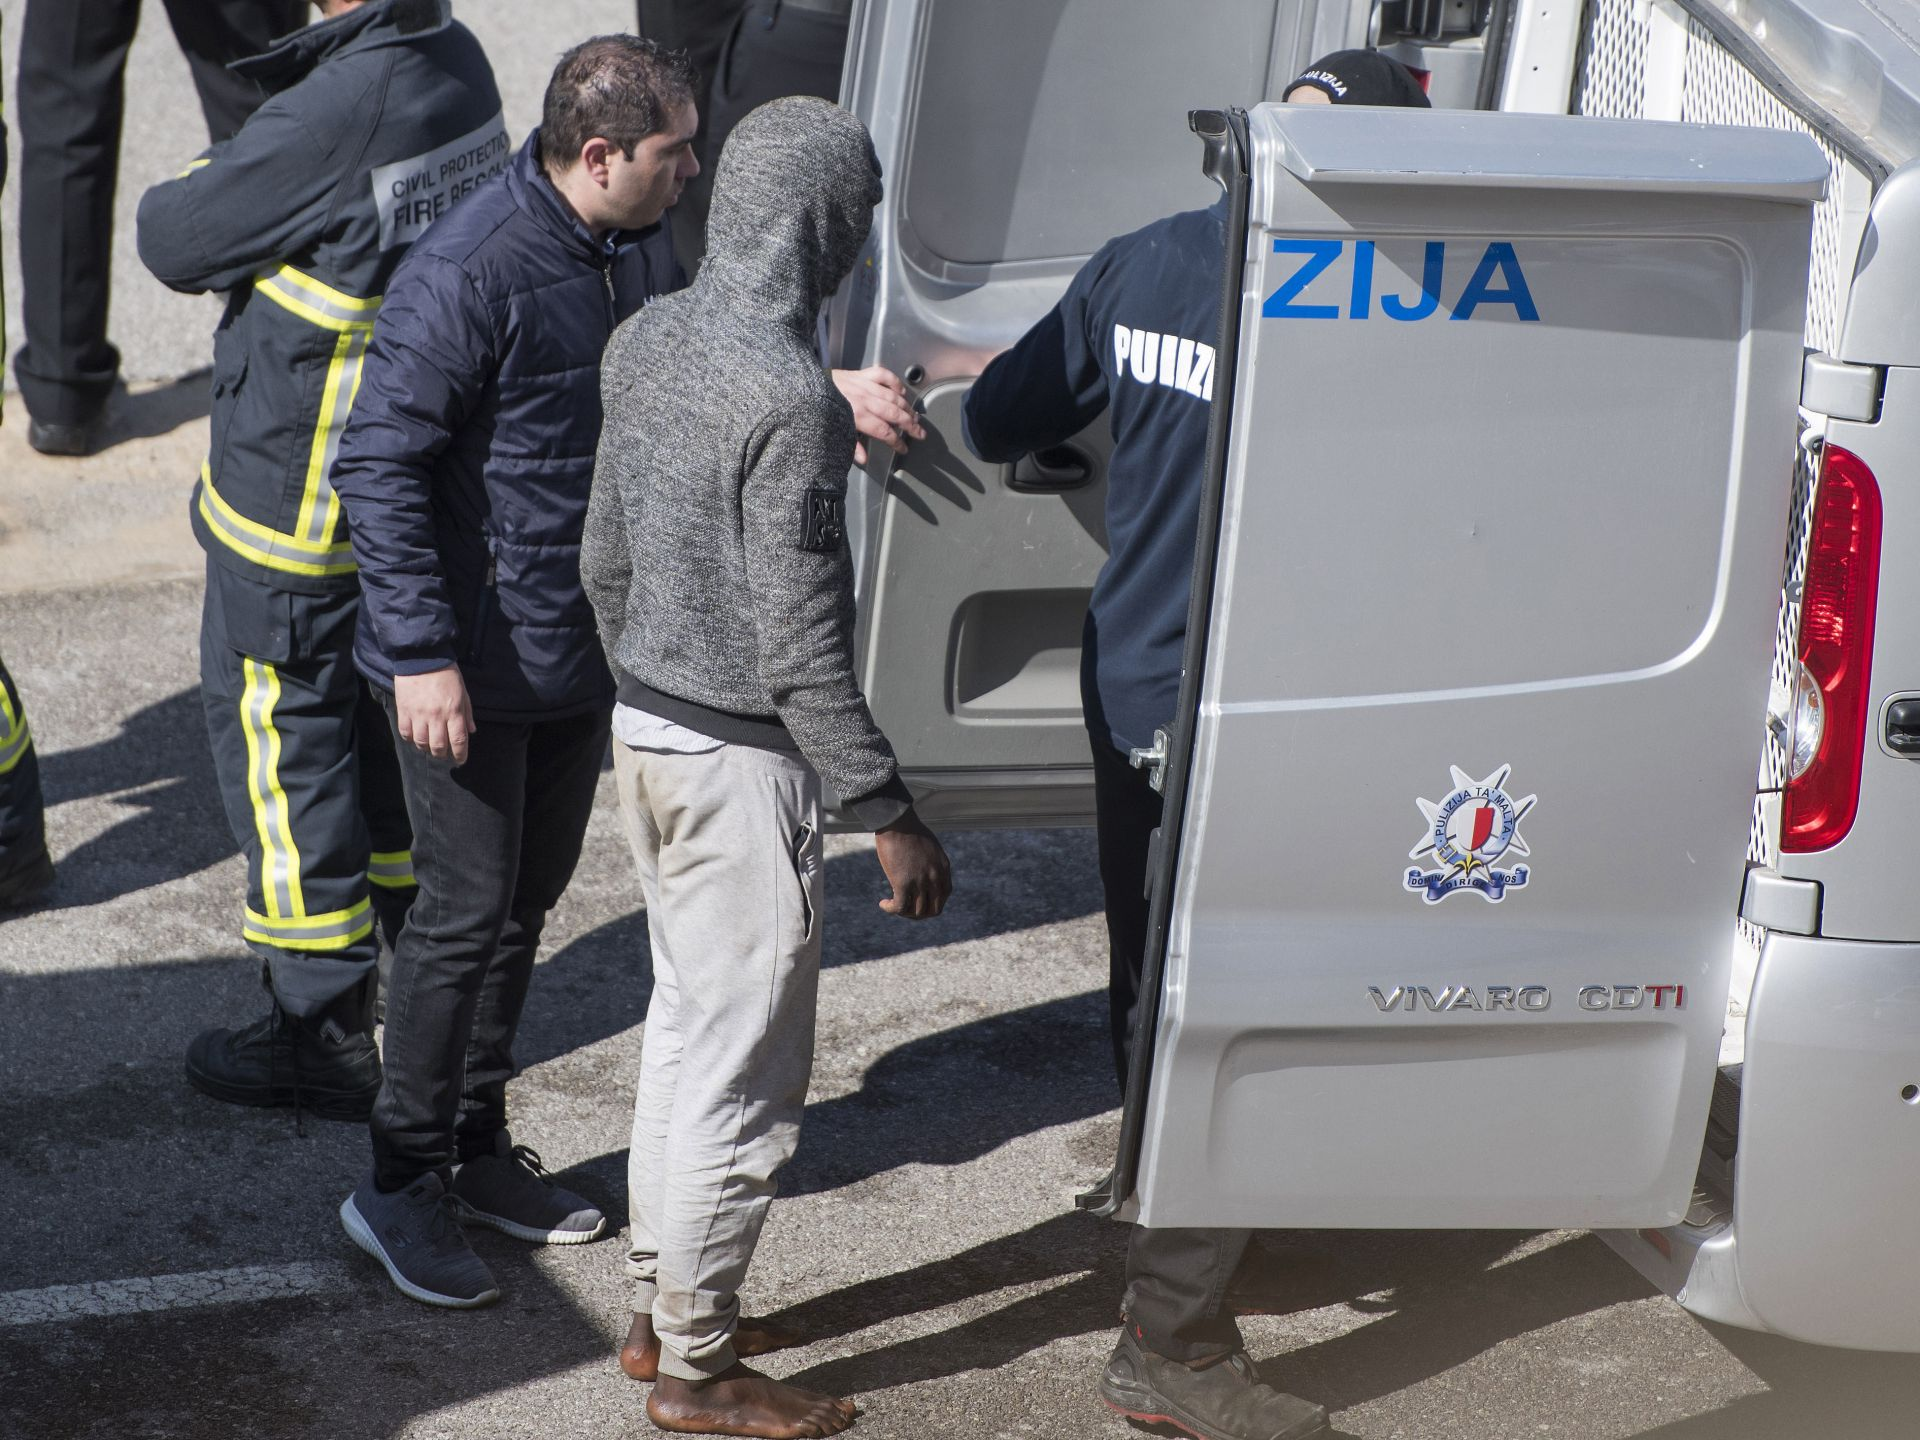 В района на пристанището на малтийската столица бяха разположени полицейски бусове и войници, които да охраняват мигрантите